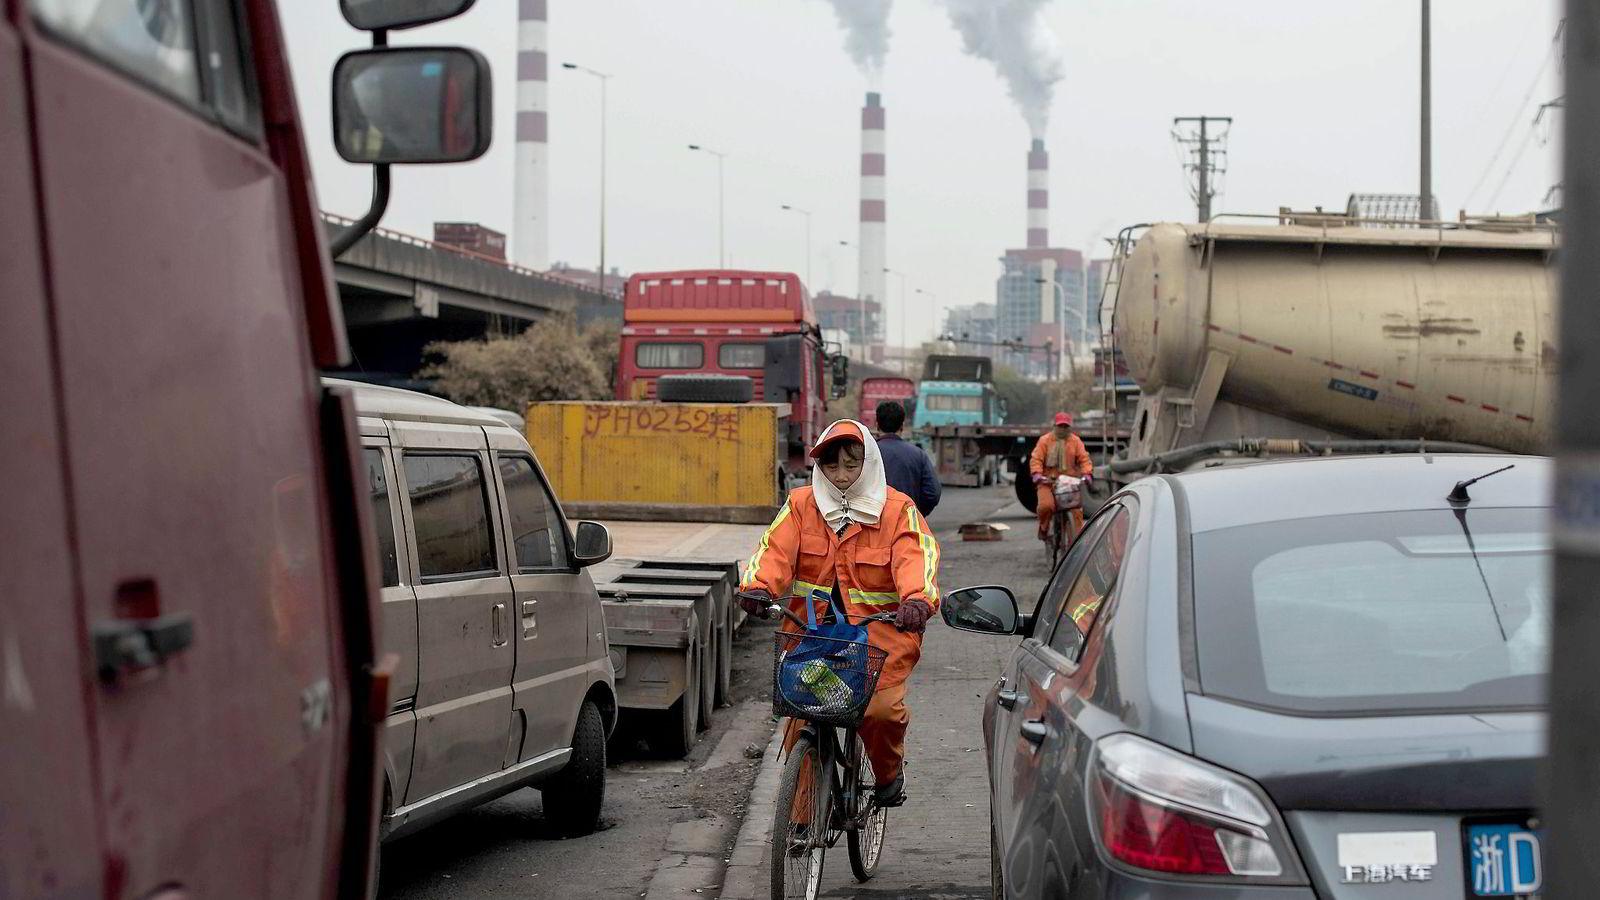 I 2014 annonserte Kinas president at Kina skal nå utslippstoppen omtrent i 2030. Her sykler en kvinne med det kulldrevne Shanghai Waigaoqiao-kraftverket i bakgrunnen. Foto: Johannes Eisele/AFP/NTB Scanpix